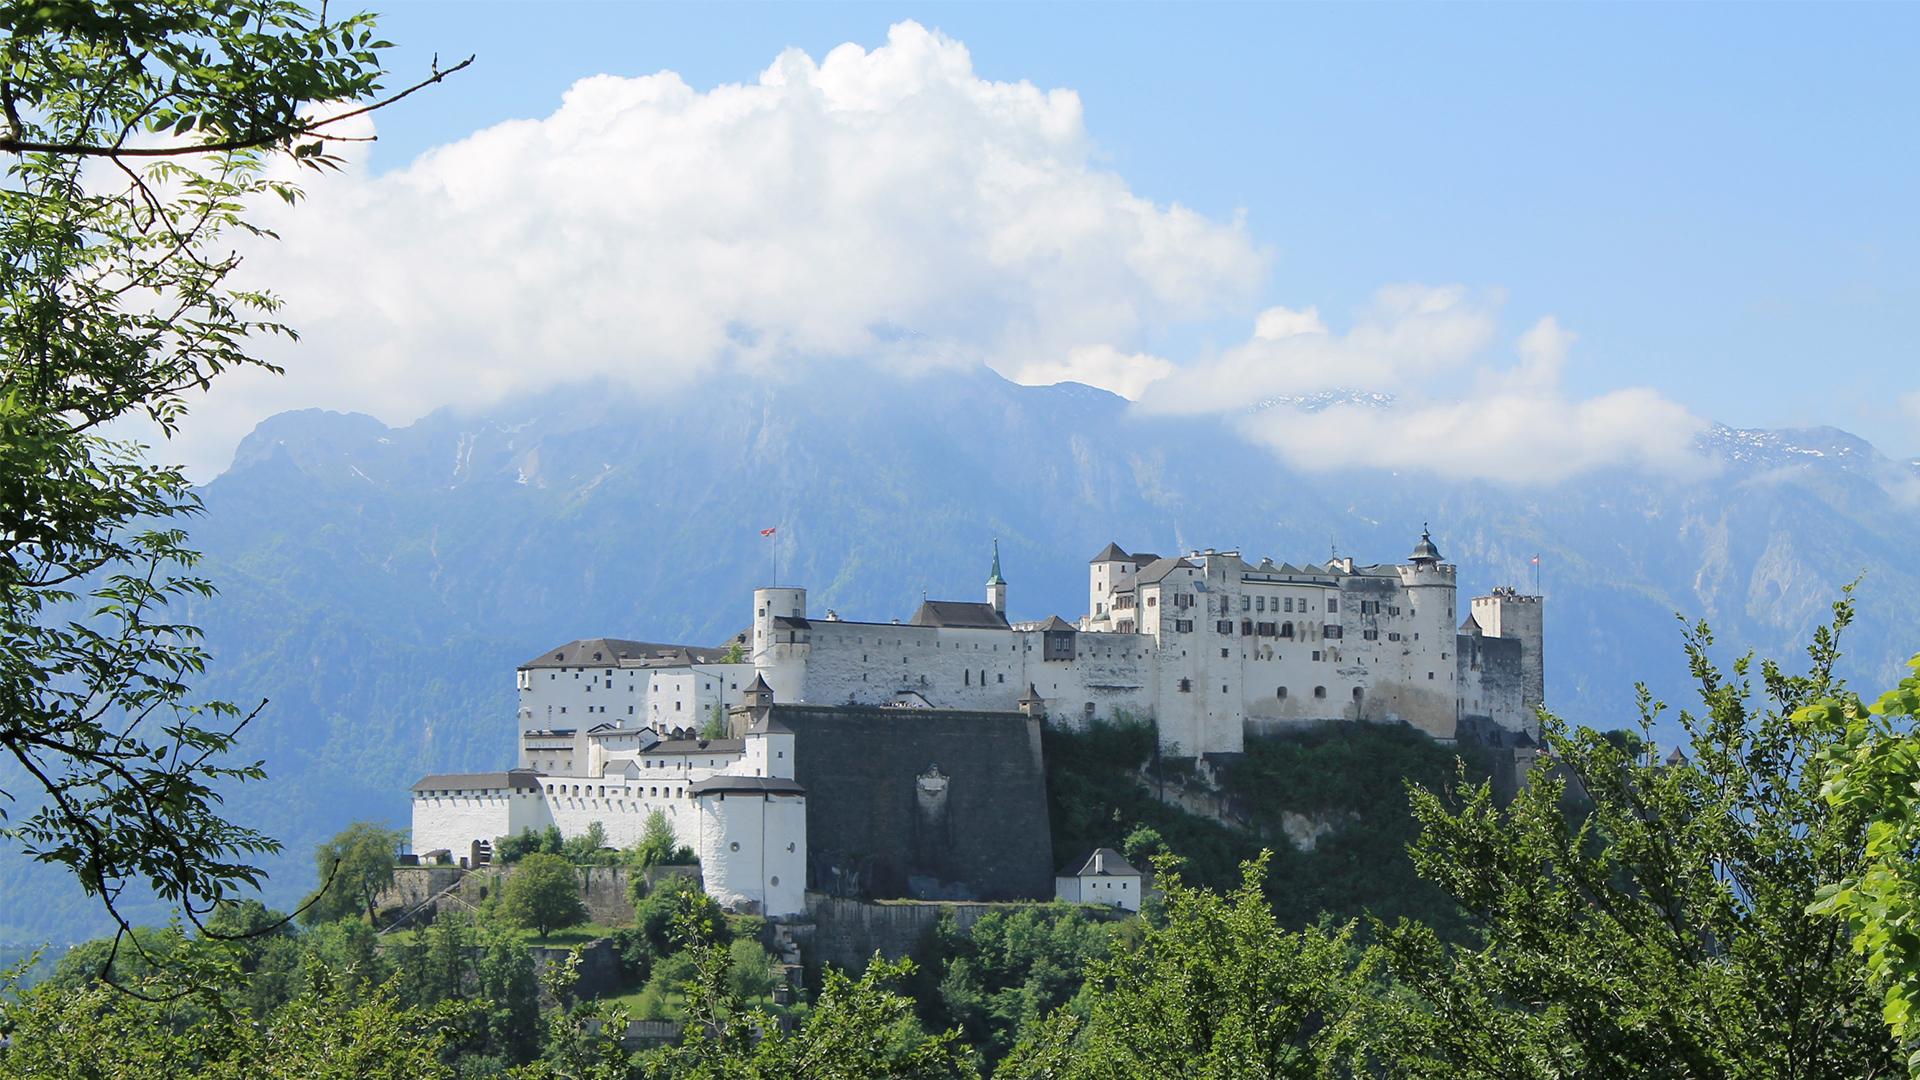 Salzburg-Festung-16_9